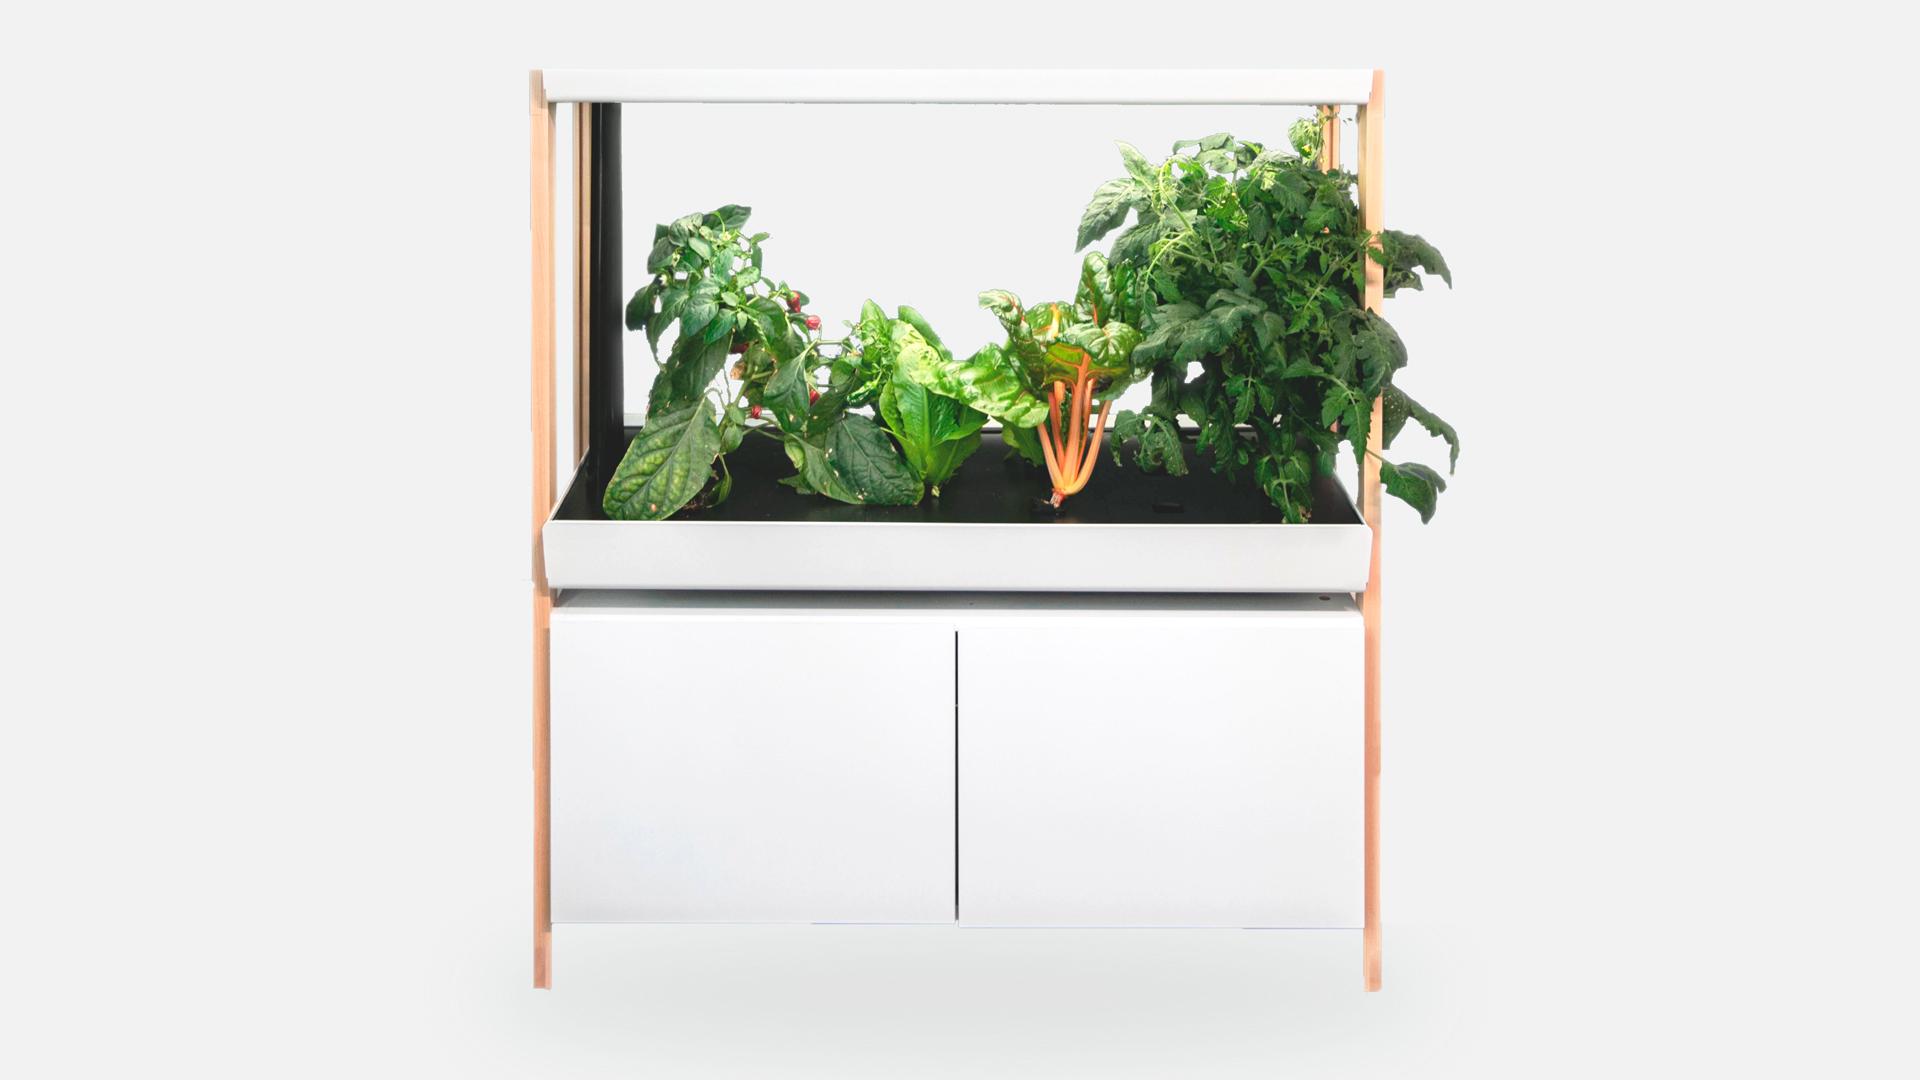 Rise Indoor Garden